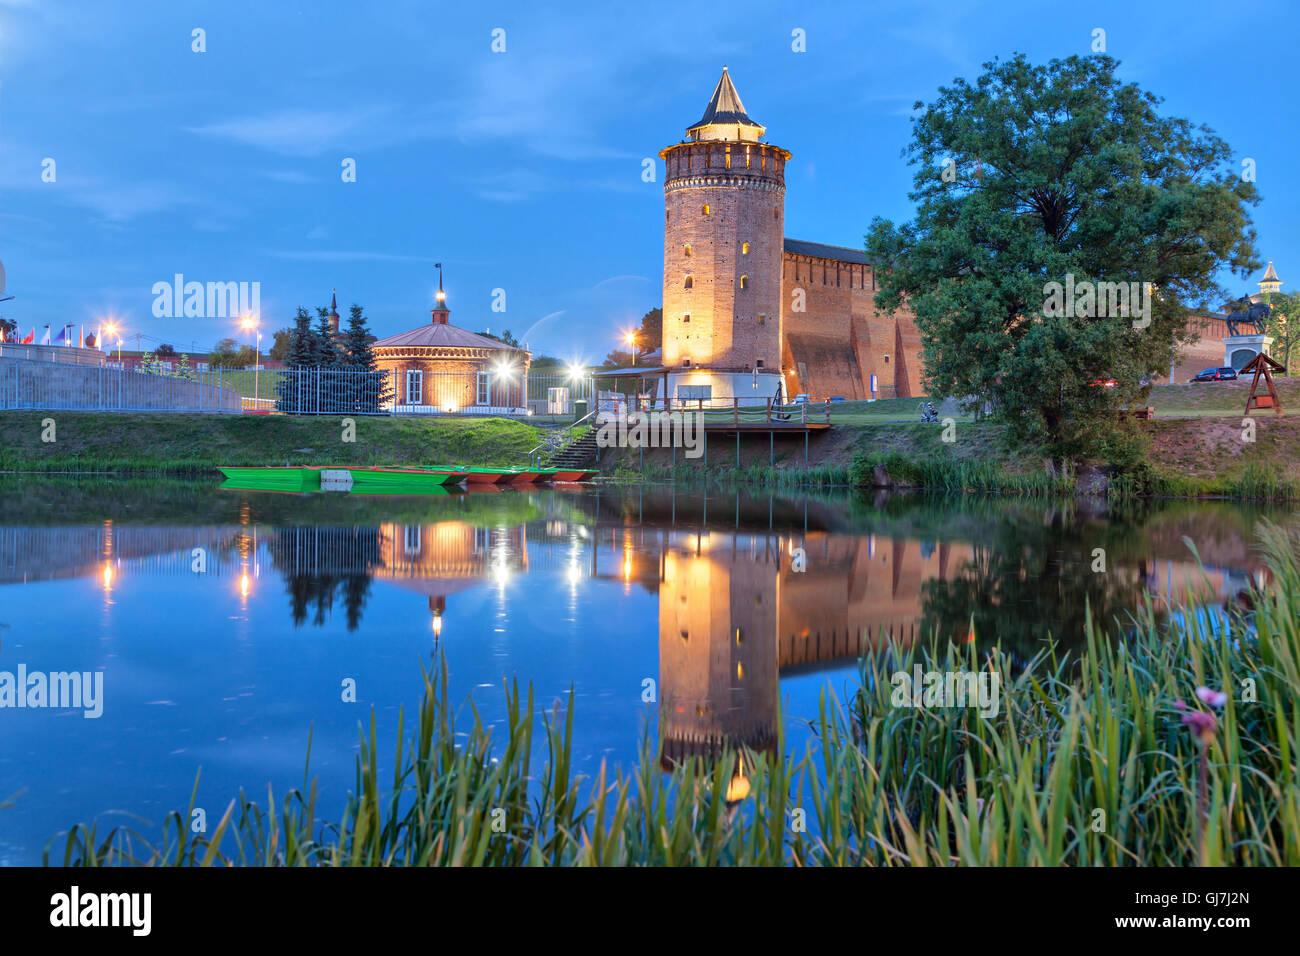 Una pared de la torre de Kremlin Kolomna reflejando en el agua en la noche, Kolomna, región de Moscú, Imagen De Stock